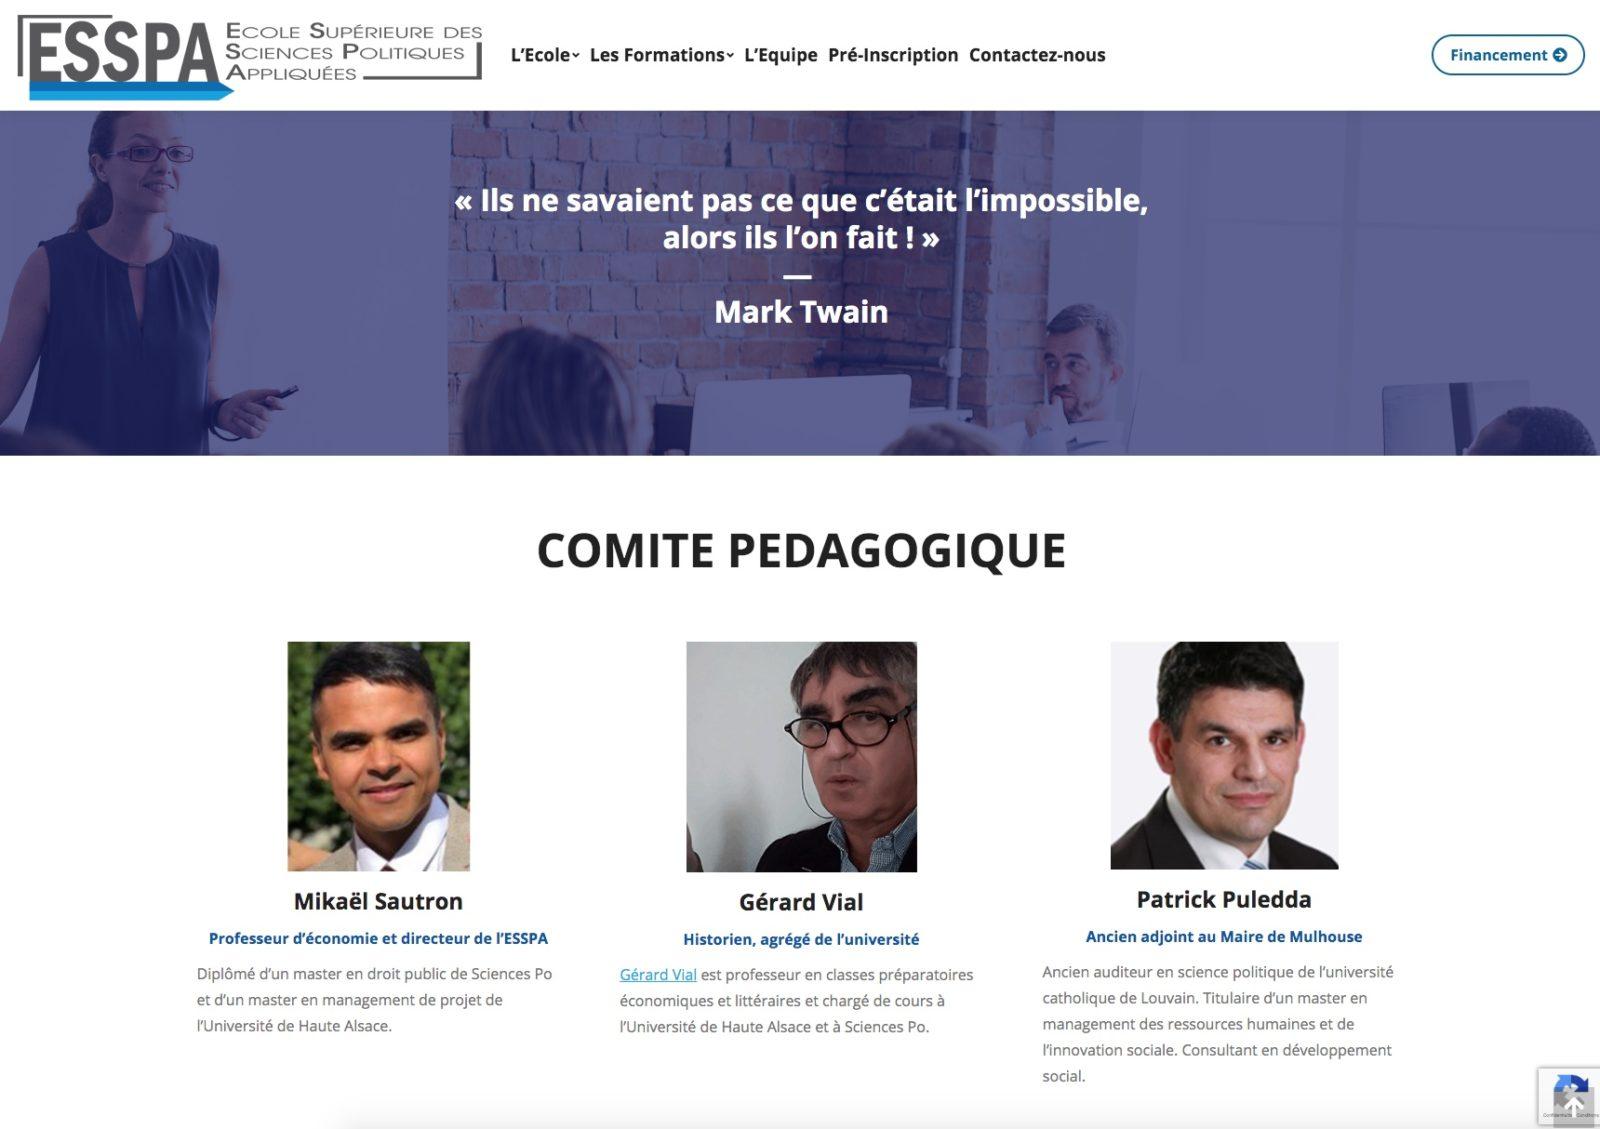 ESSPA, comité pédagogique, une école de Mulhouse, client Karedess agence web situé à Mulhouse